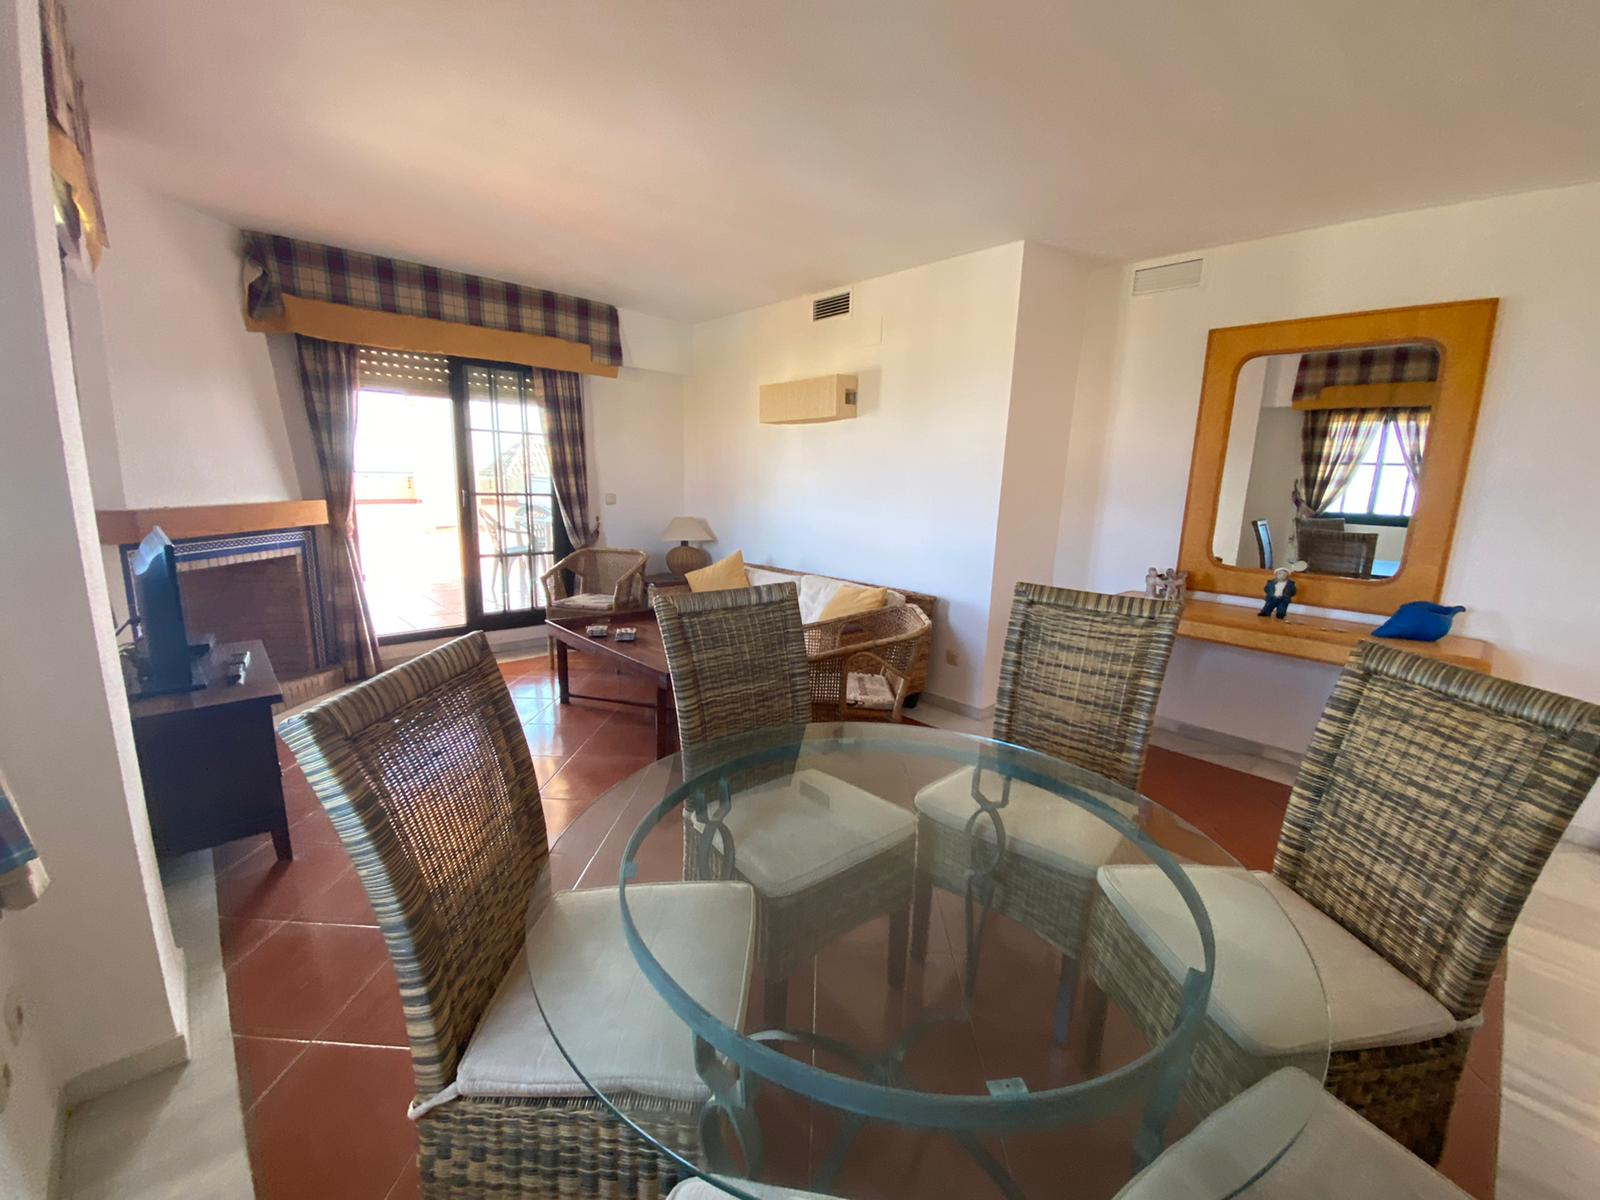 Imagen 13 del Vivienda Turística, Ático 94 (3d+2b), Isla Canela (HUELVA), Avda. de las Codornices nº 24 bloque 1-3